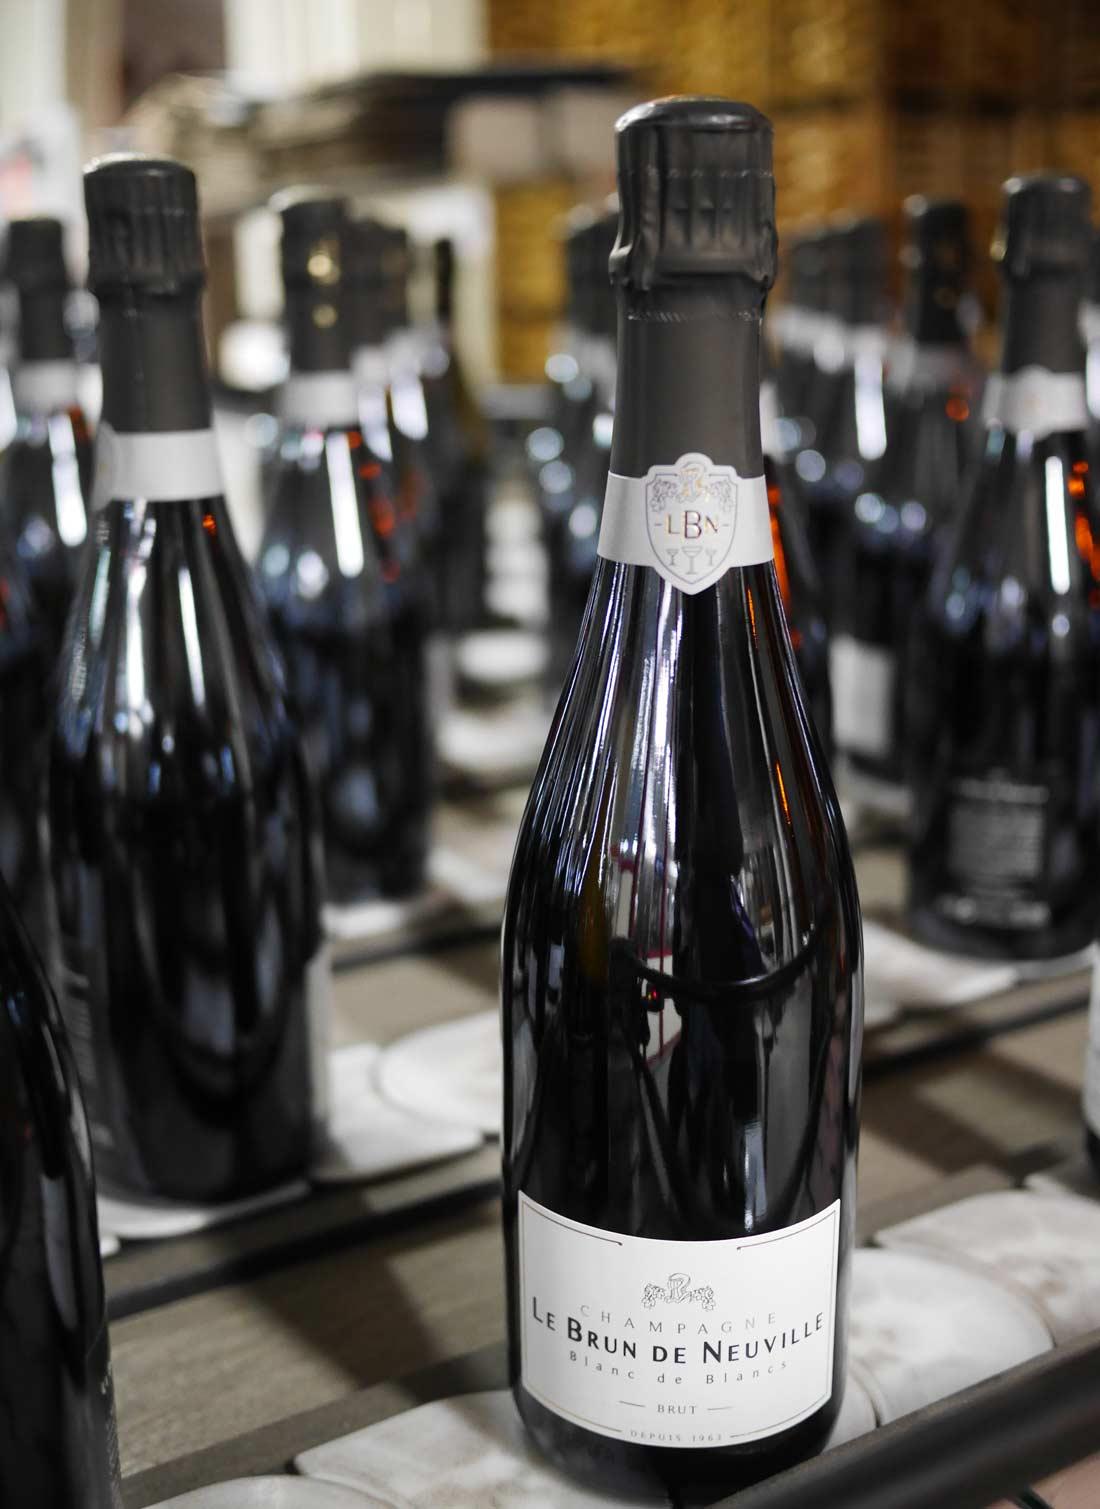 bouteilles de champagne Le Brun de Neuville